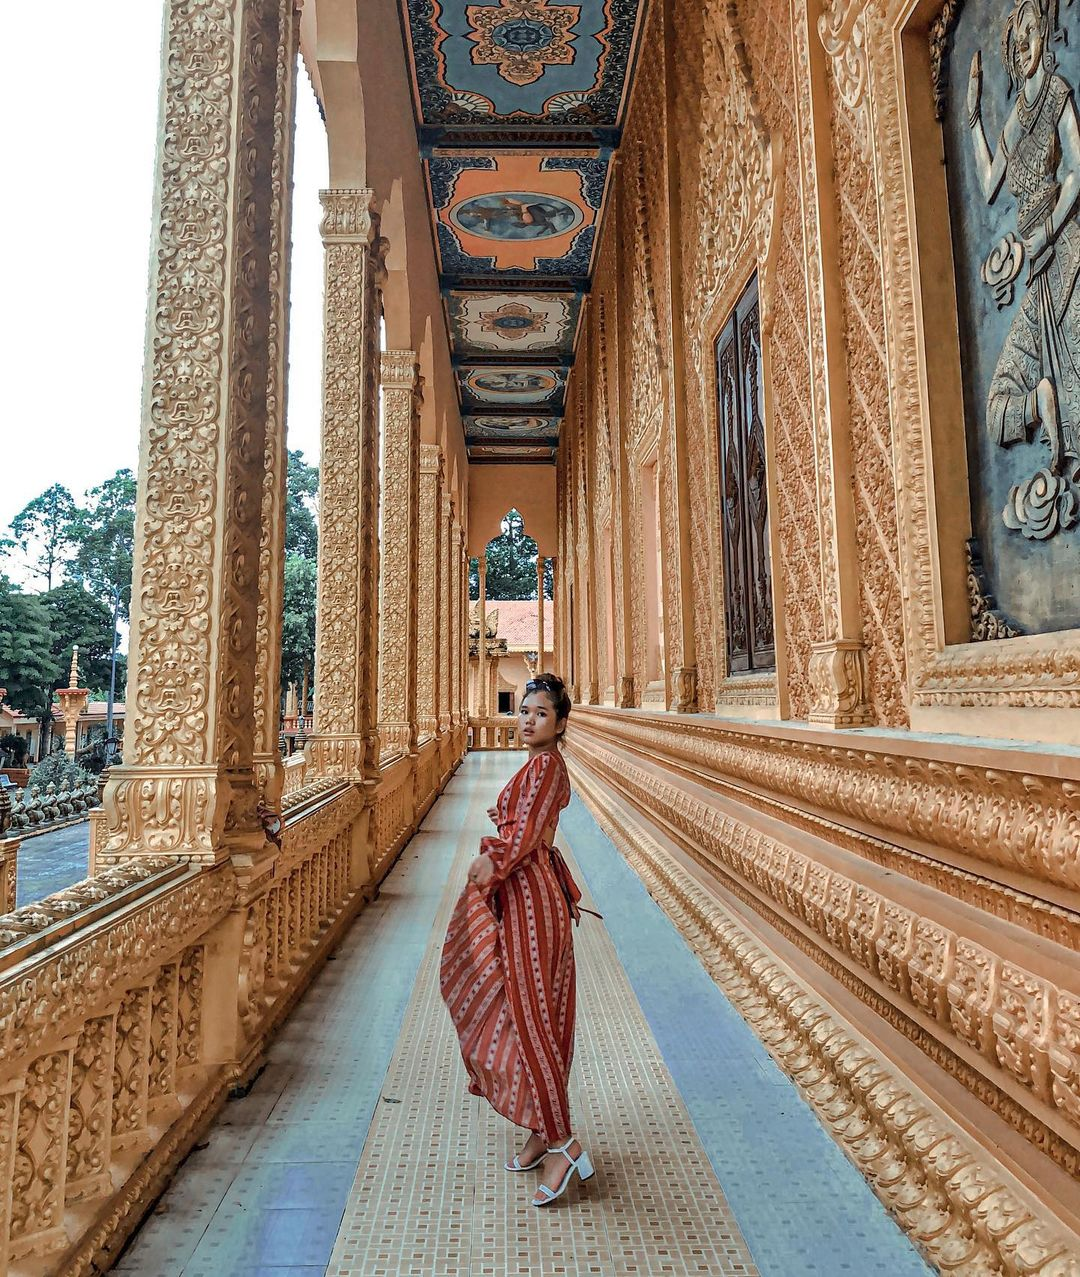 Hành lang chùa Vam Ray. Hình: @nhienng_